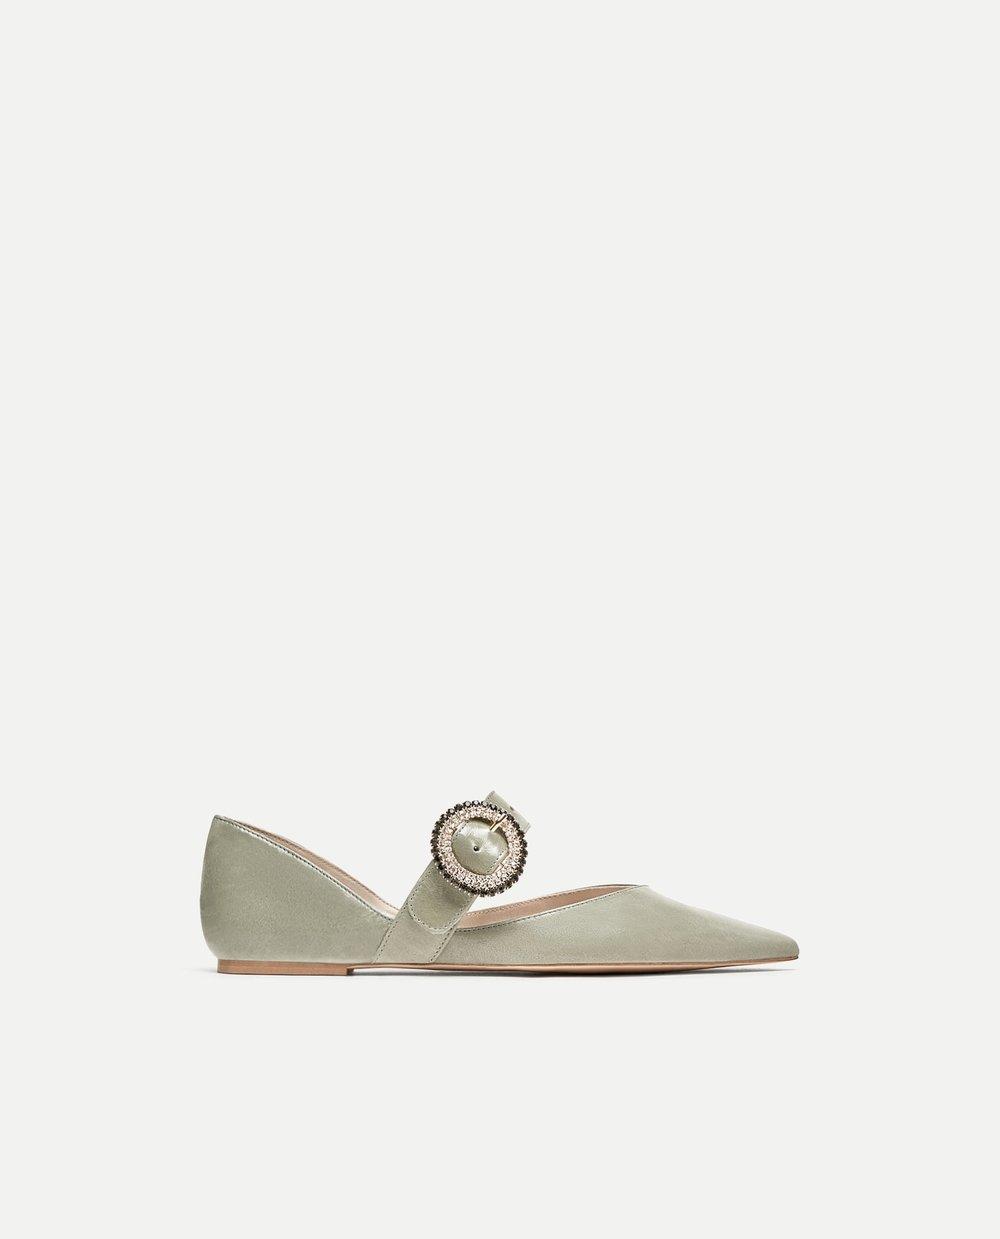 Zara £55.99